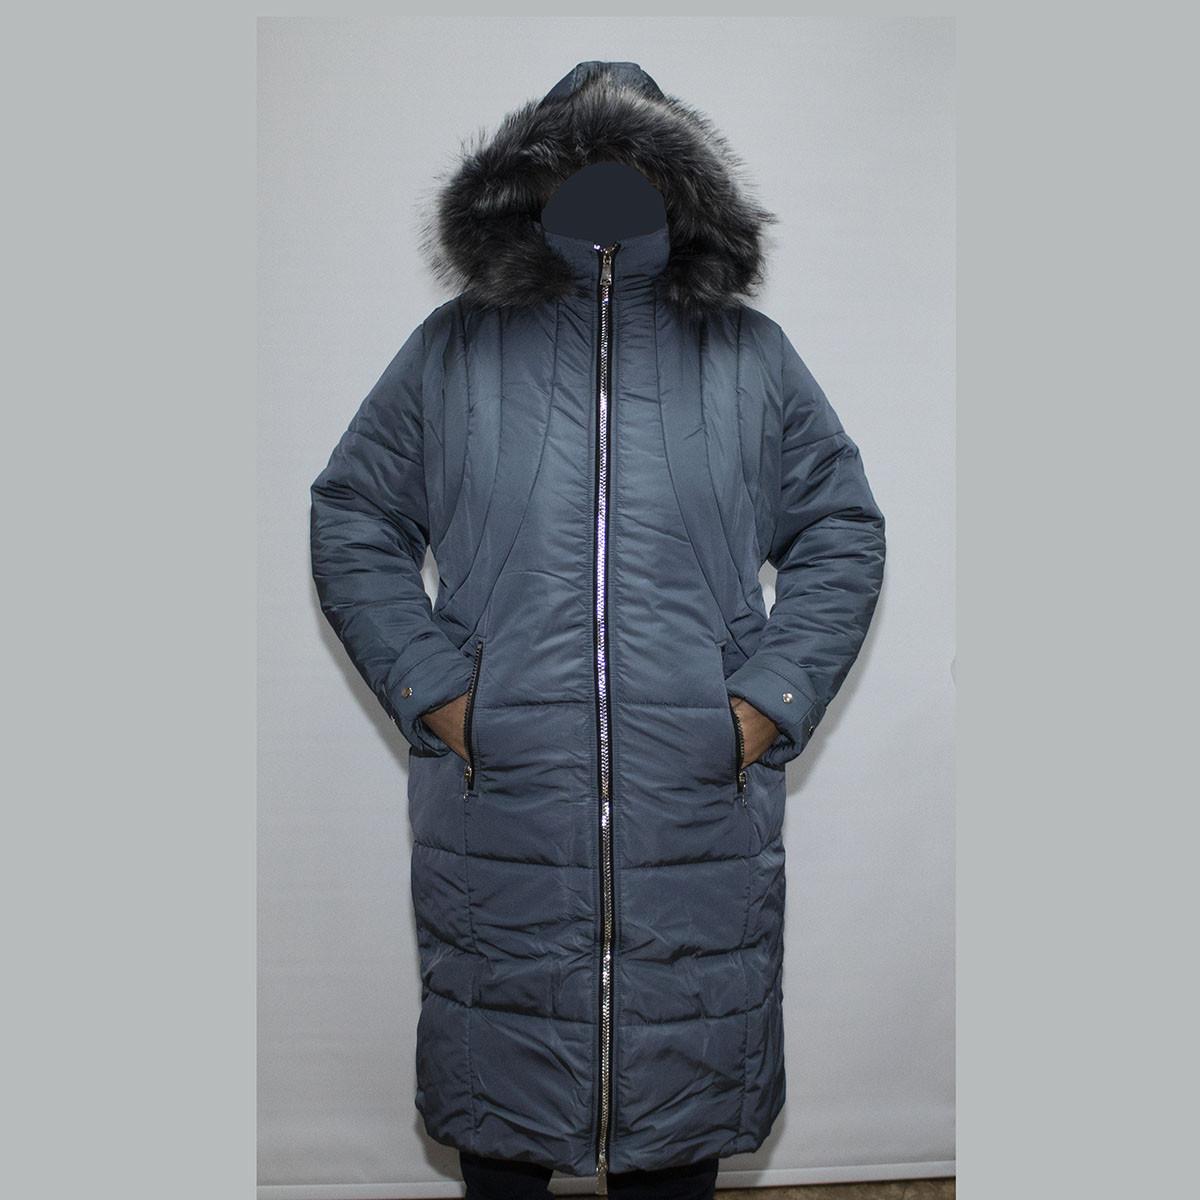 Пальто женское зимнеебольшого размера Супербаталфабричный пошив K955G